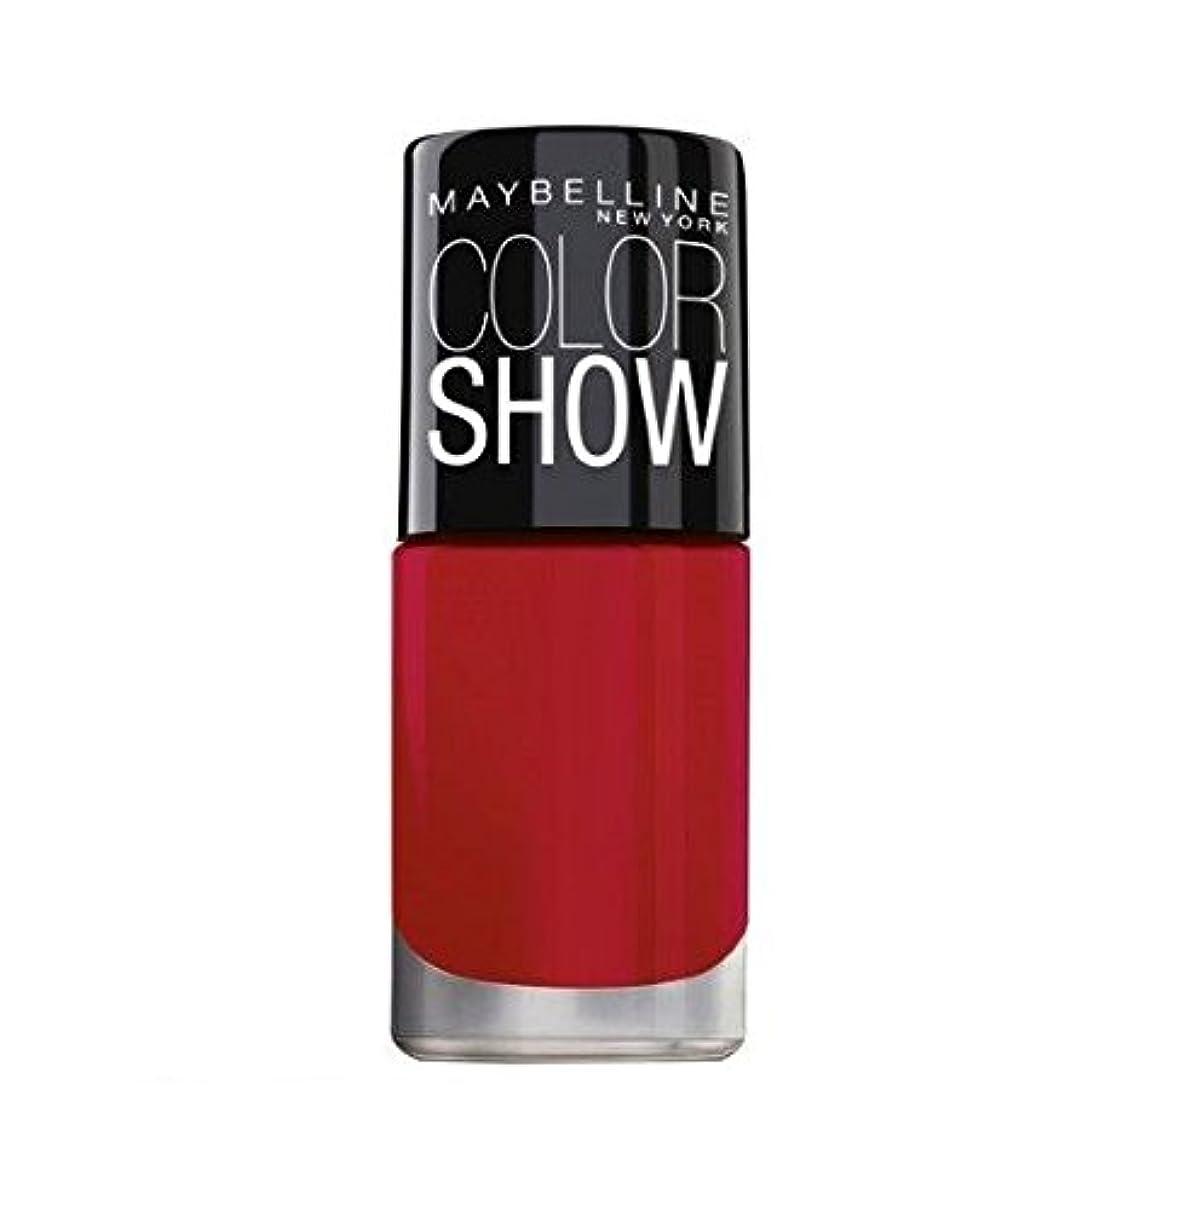 期間広告くさびMaybelline Color Show Bright Sparks, Power of Red 708, 6ml